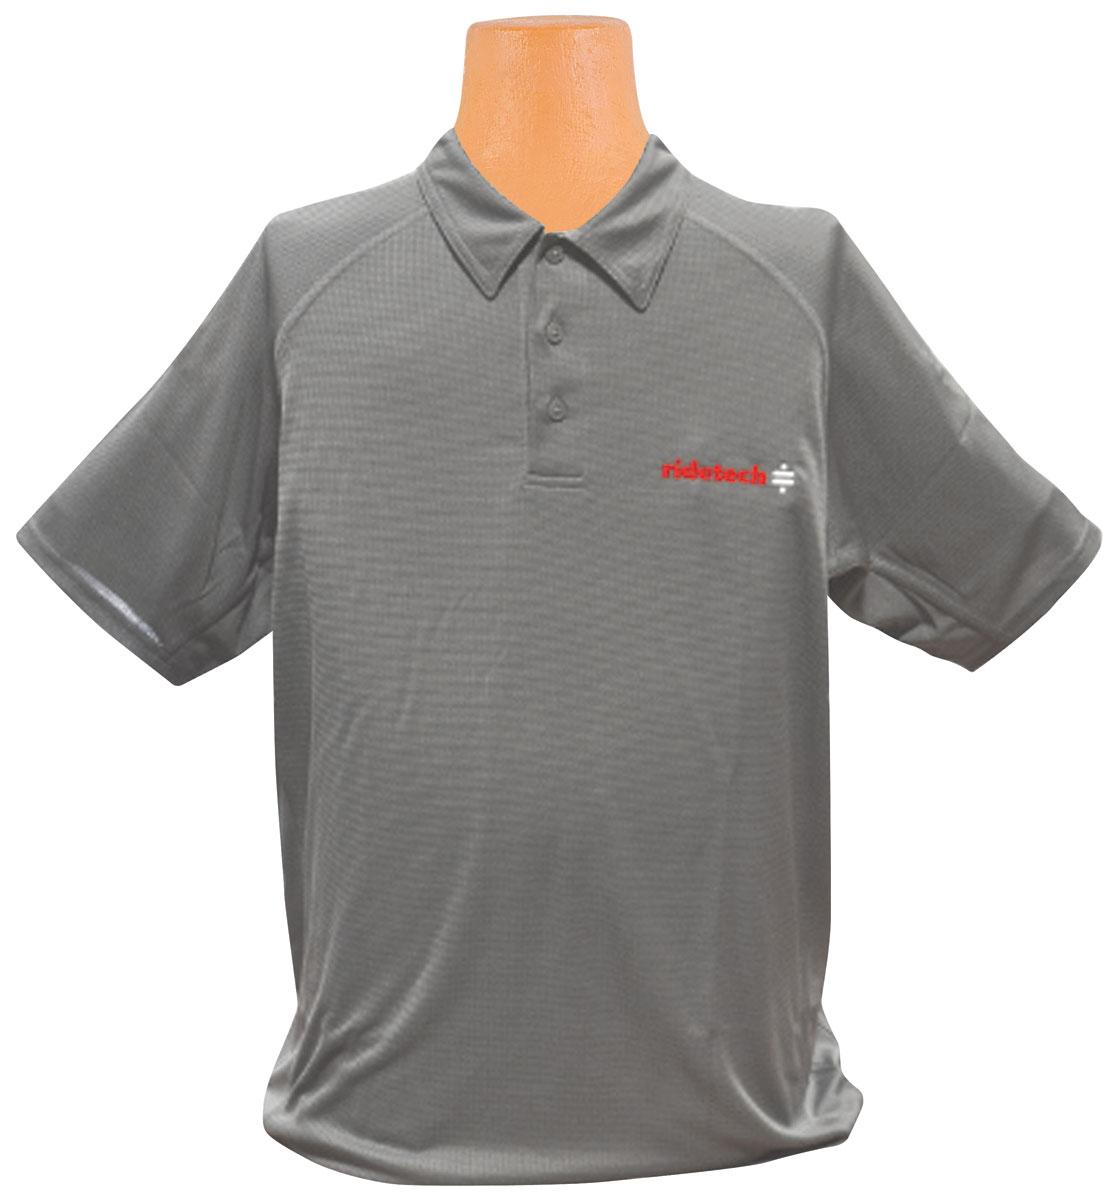 Shirt, Ride Tech Logo, Gray Polo